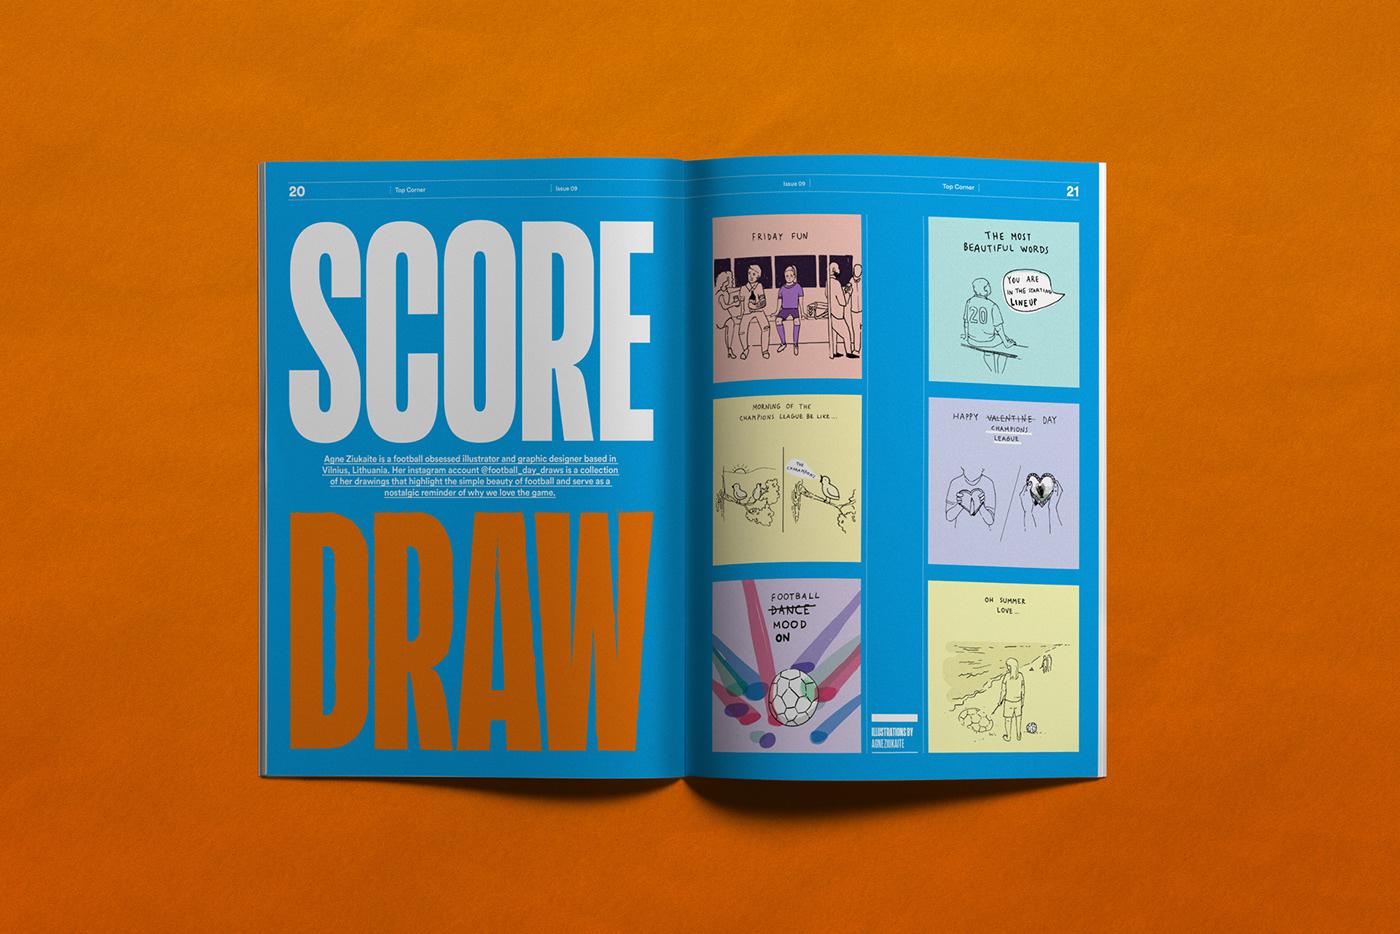 足球杂志Top Corner版面设计欣赏